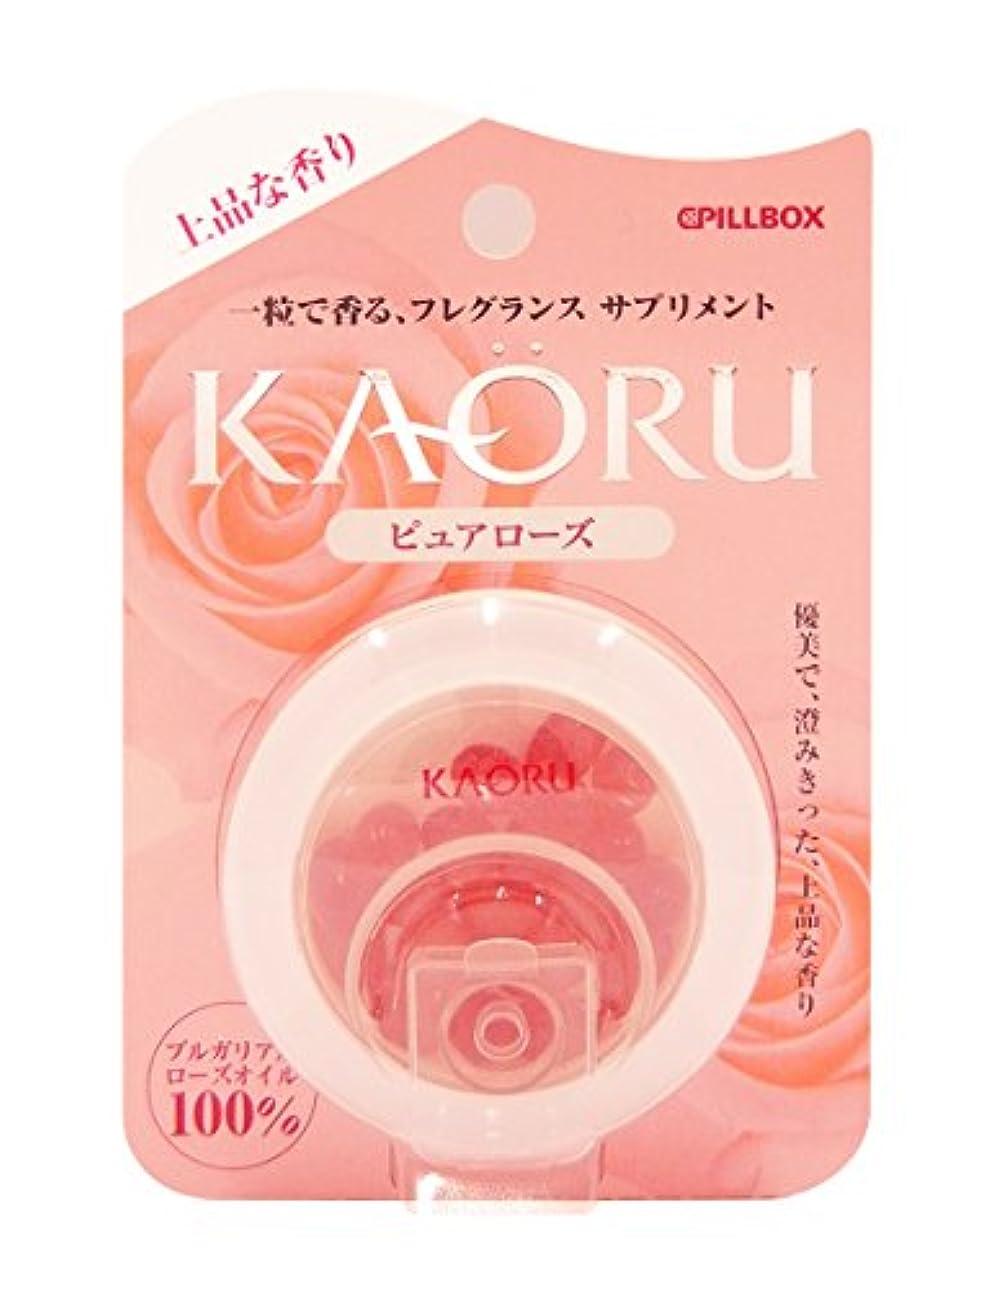 のぞき穴否定する慣性フレグランスサプリメント KAORU (ピュアローズ)